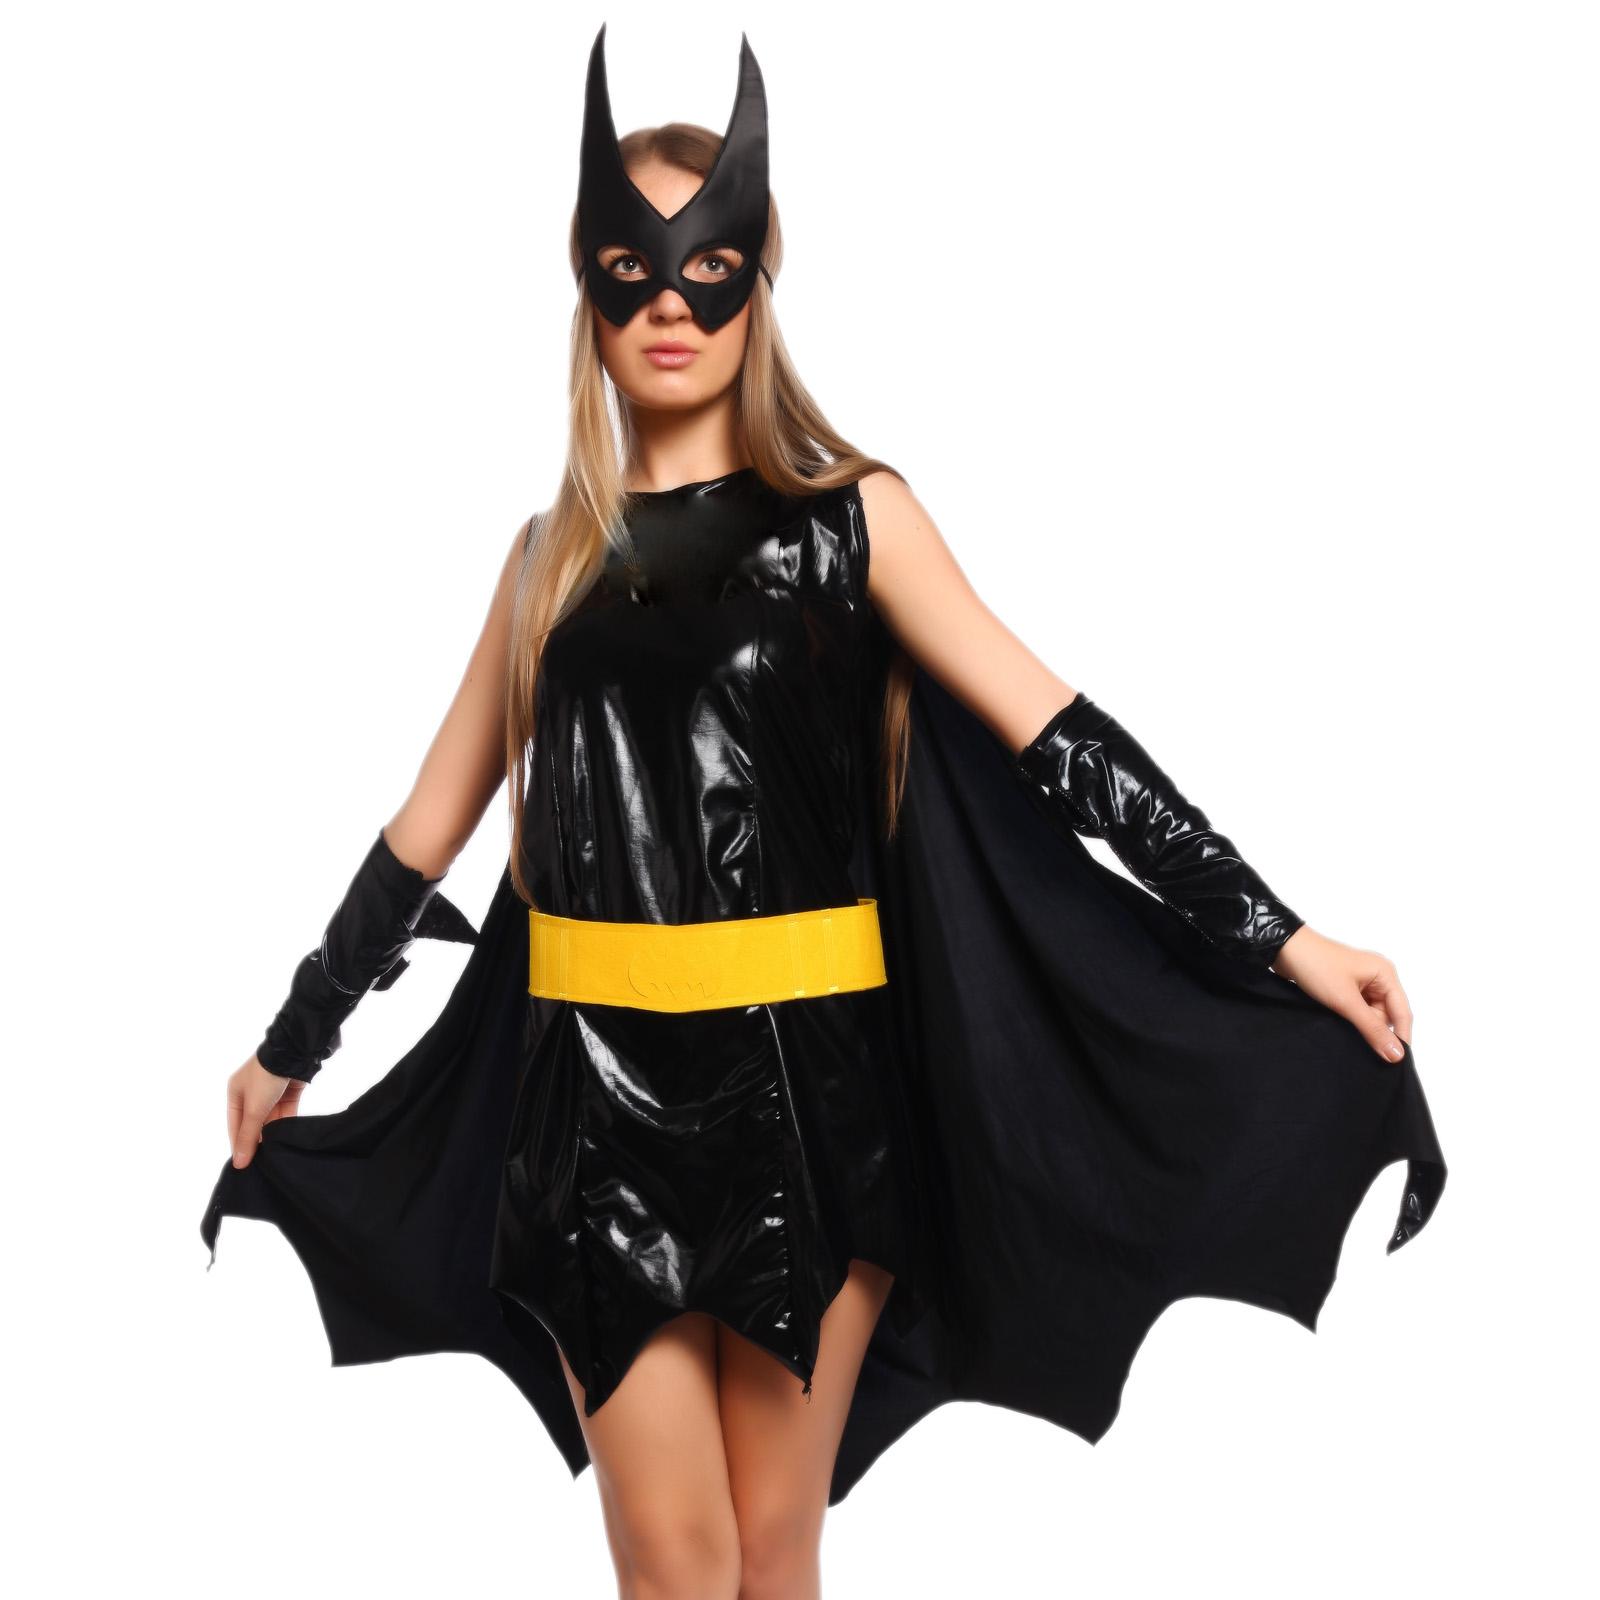 Cotume-de-Deguisement-Robe-Noir-Batgirl-Heroine-Superhero-Femme-Carnaval-S-M-L